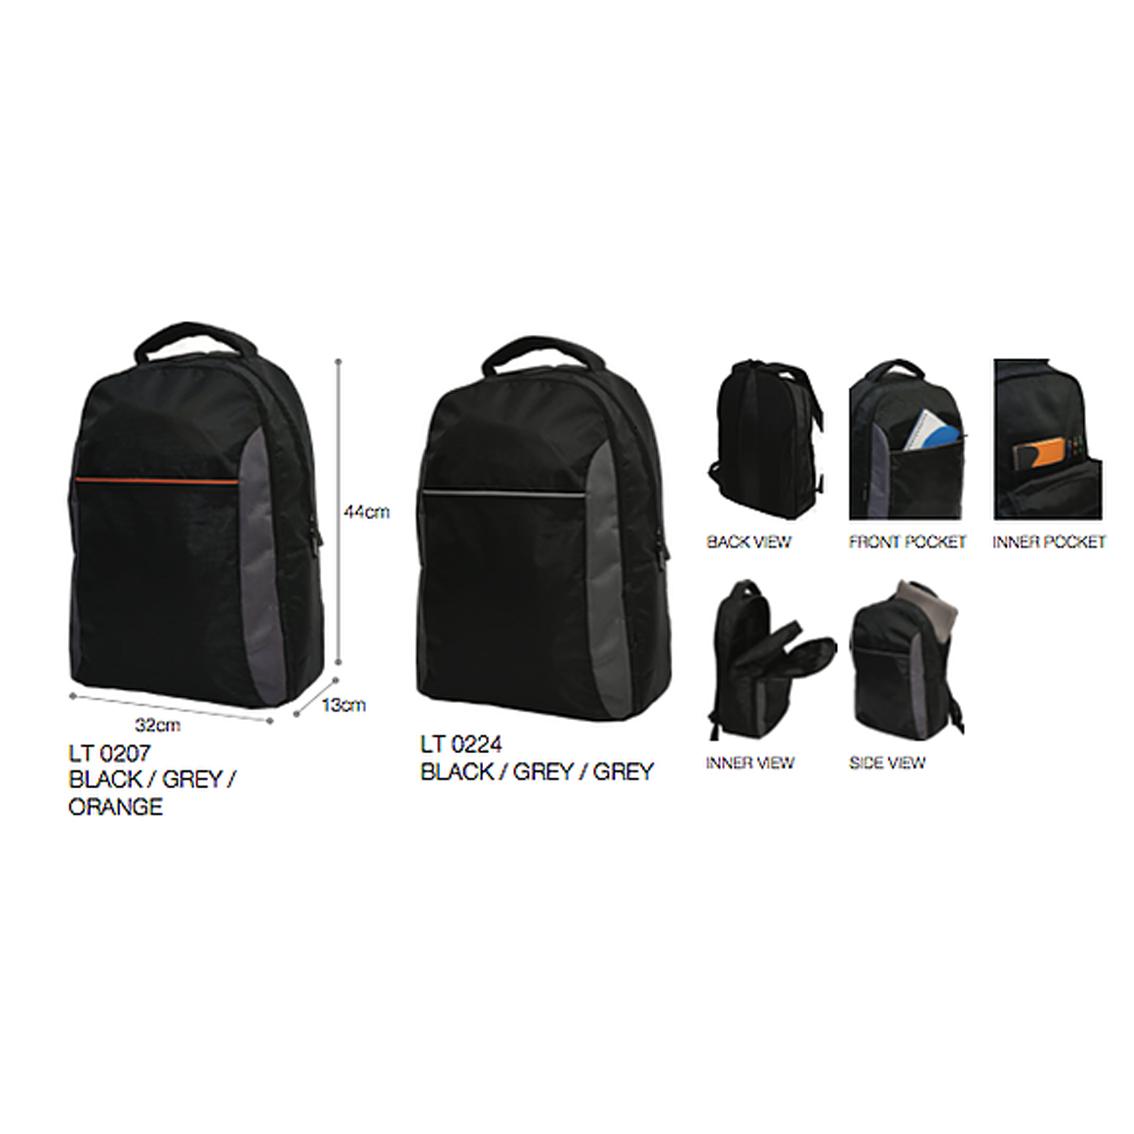 LT02 Nylon 1680D & Nylon Jacquard 3